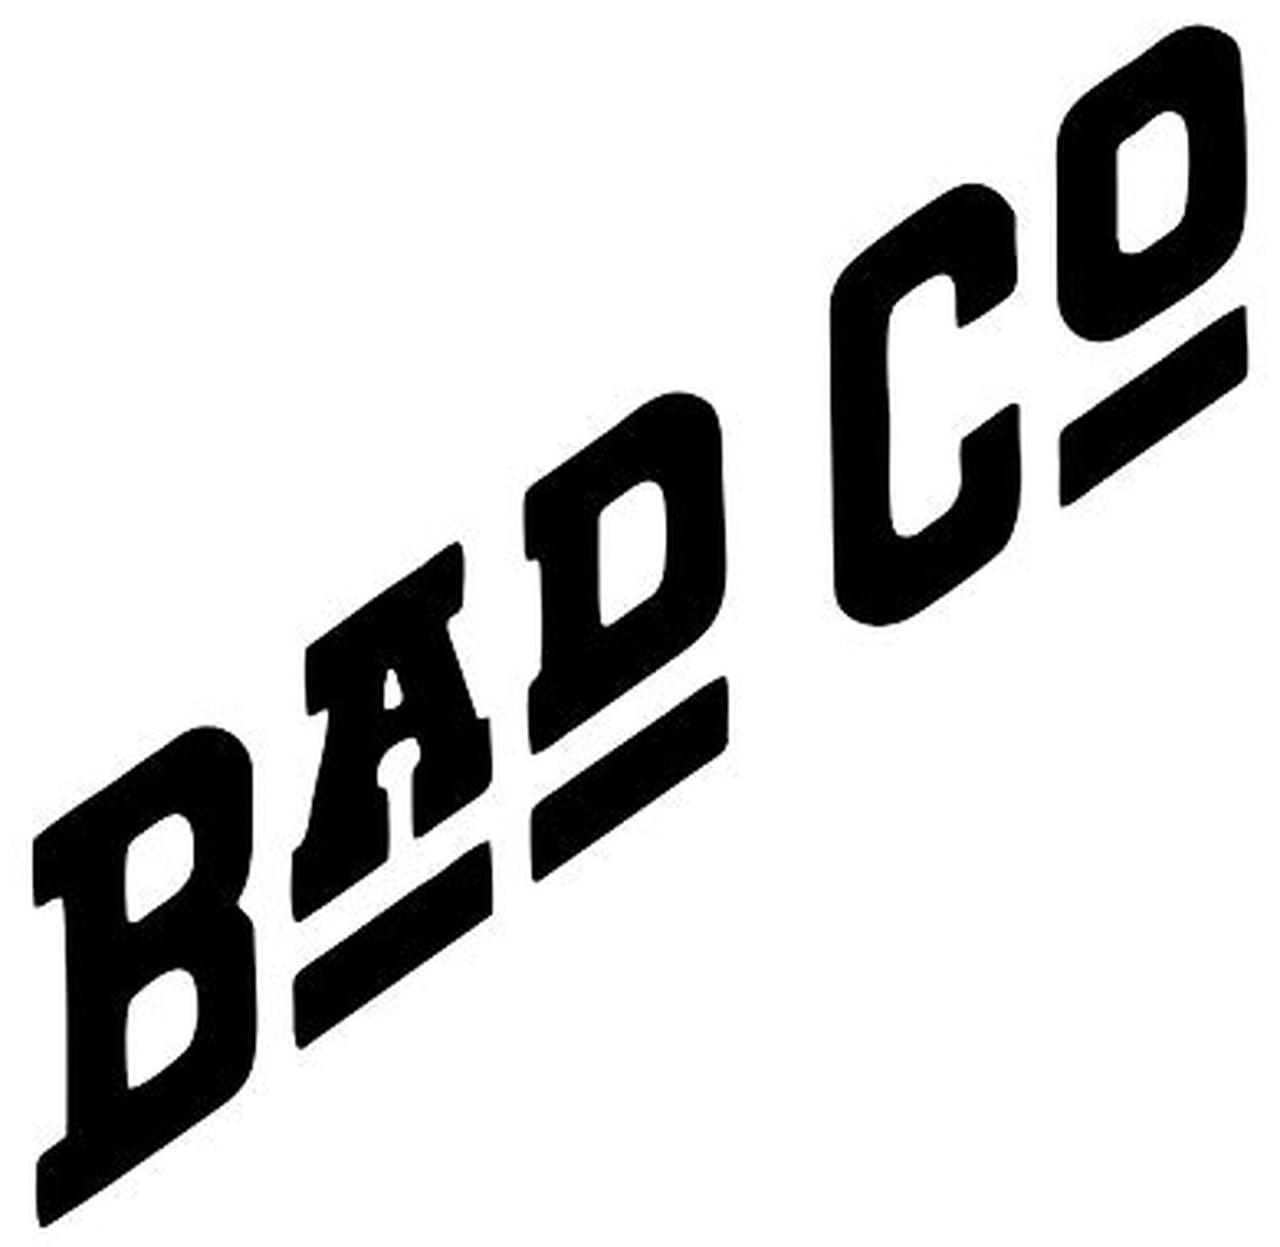 Logotipo de Bad Company.